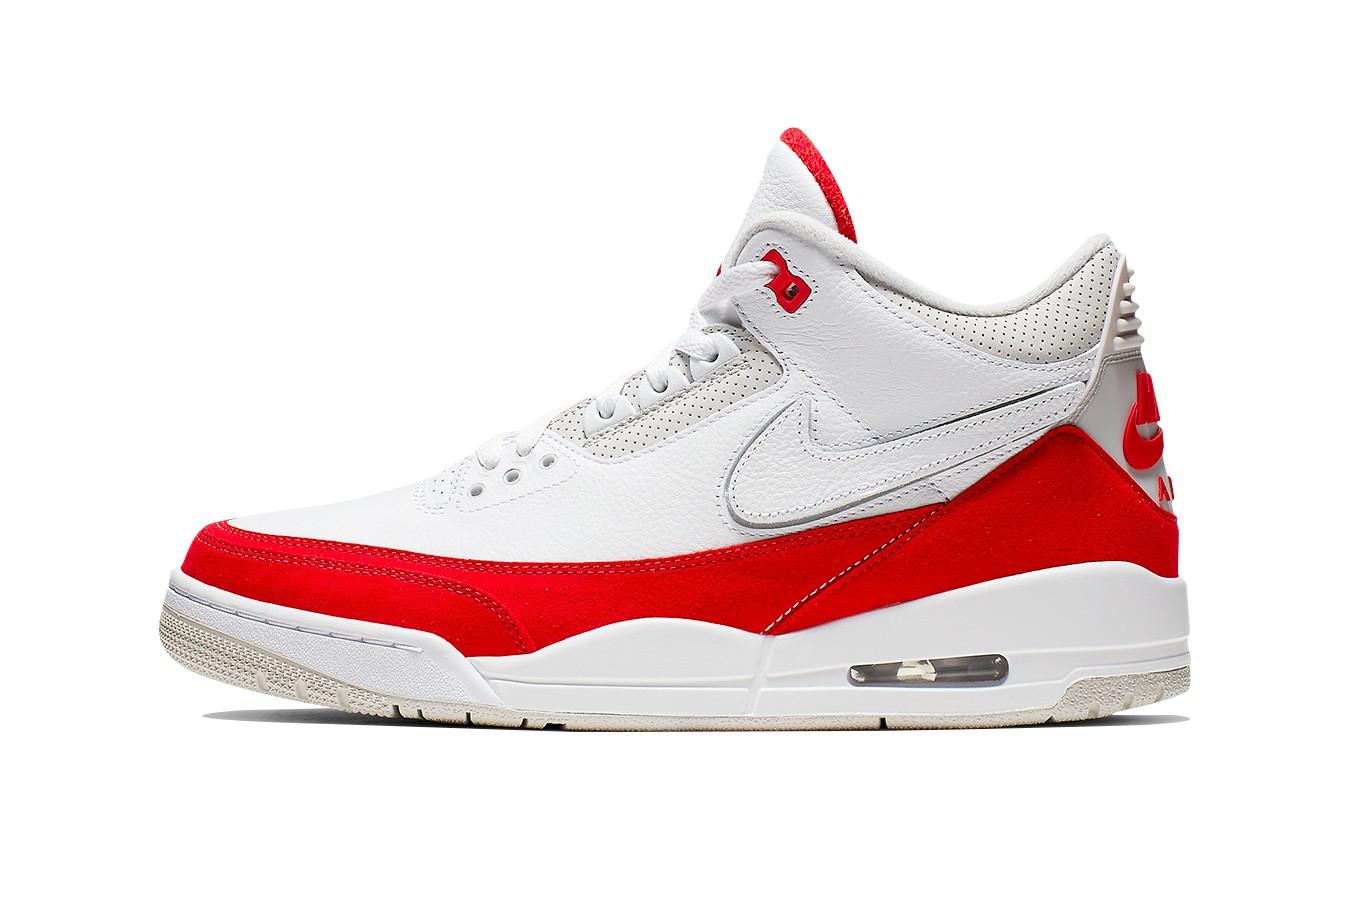 """Air Jordan 3 Tinker """"White/University Red"""" độc đáo với dấu swoosh có thể tháo rời"""